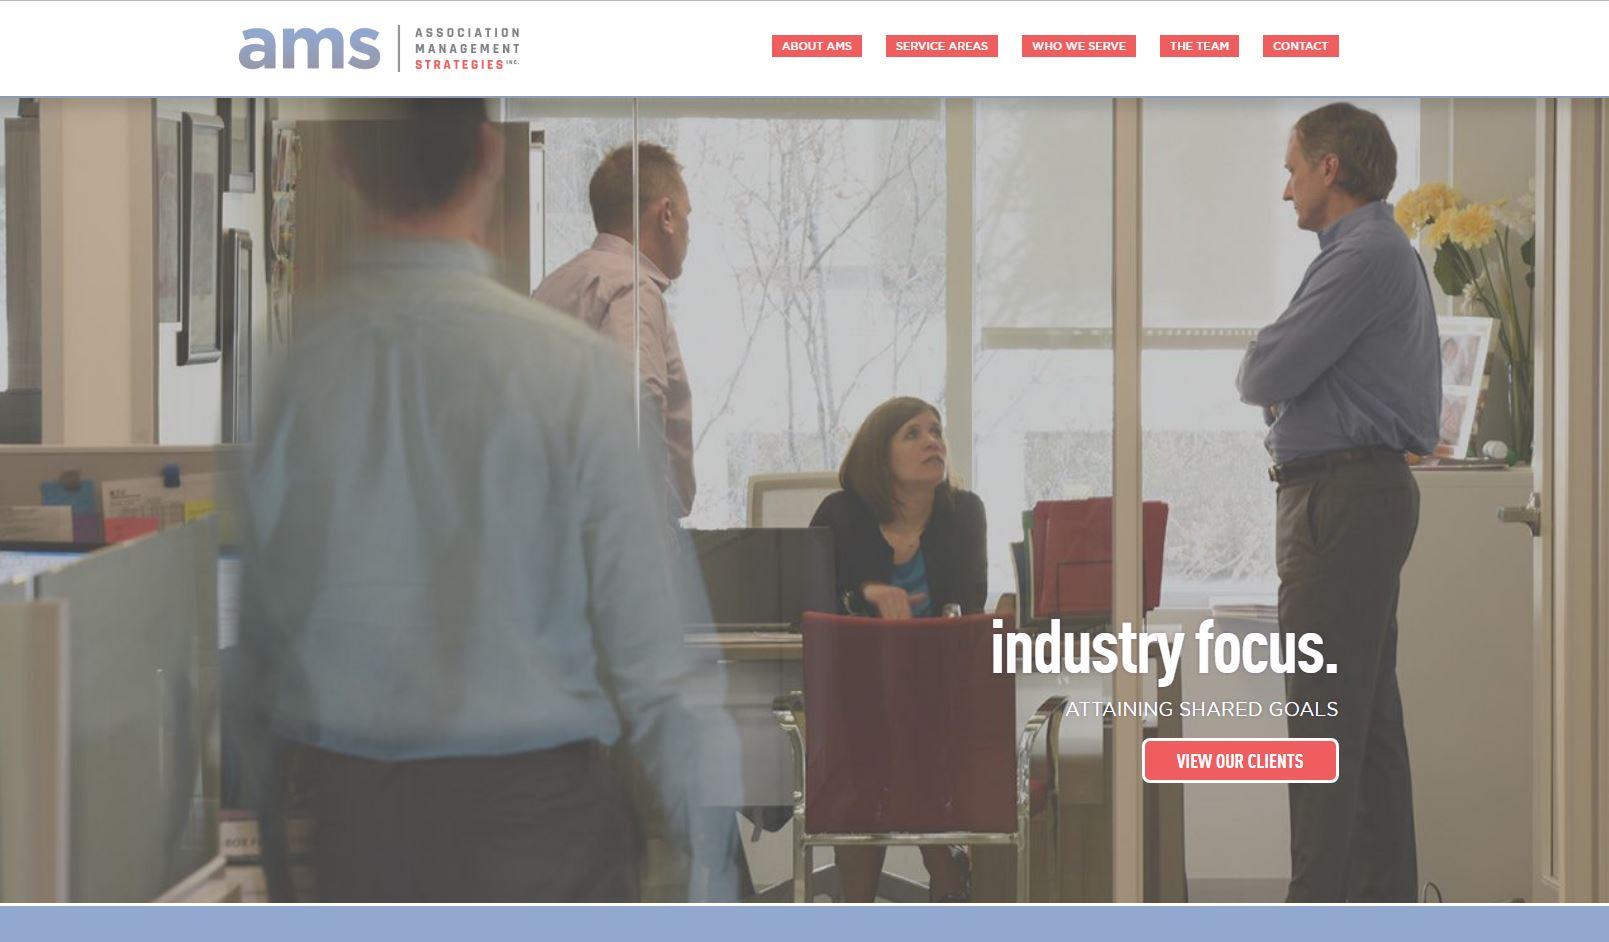 employee engagement marketing photos